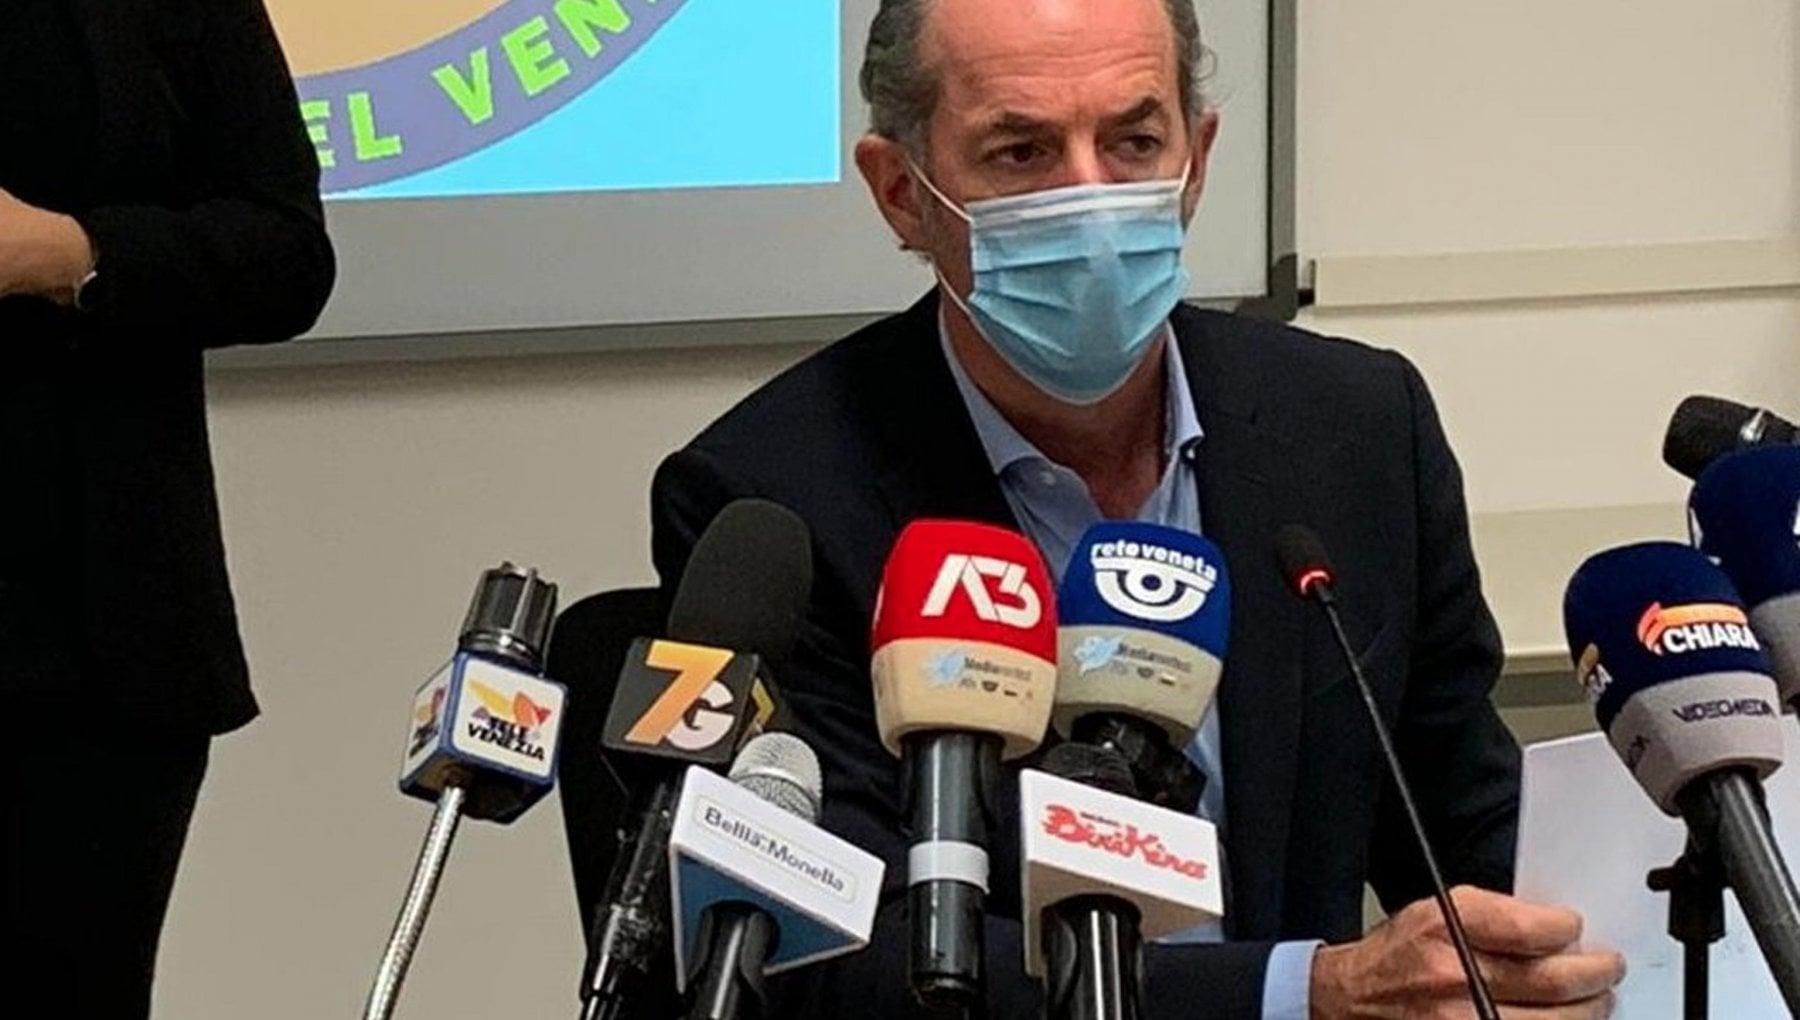 Vaccini Zaia Unazienda privata non puo decidere da sola a chi consegnare le dosi